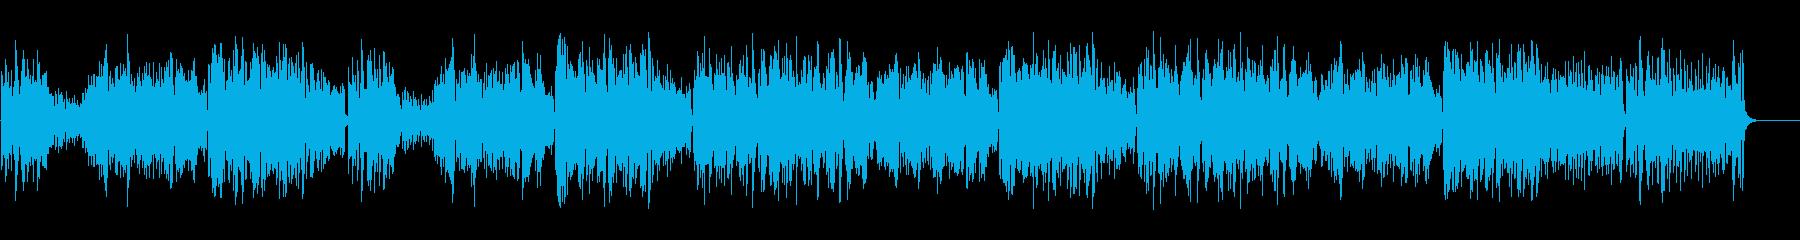 小粋なリズムに思わず指鳴らすR&Bの再生済みの波形